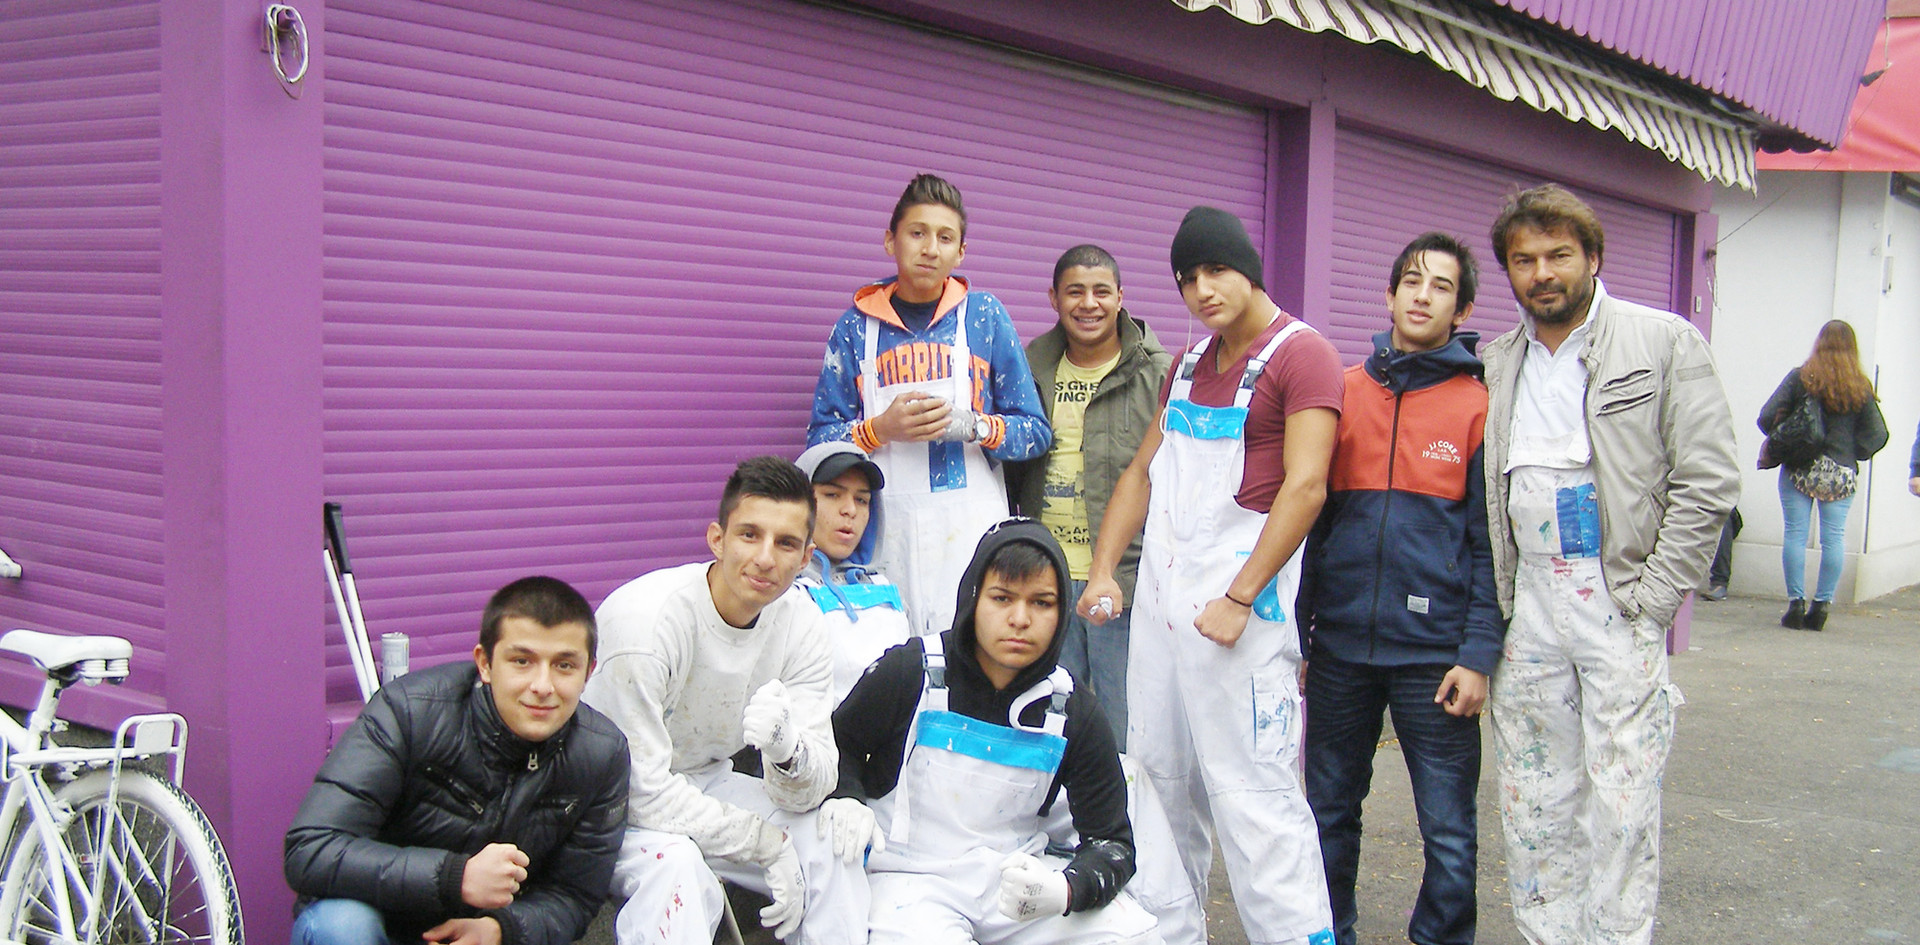 paintback meidlingermarkt team 2